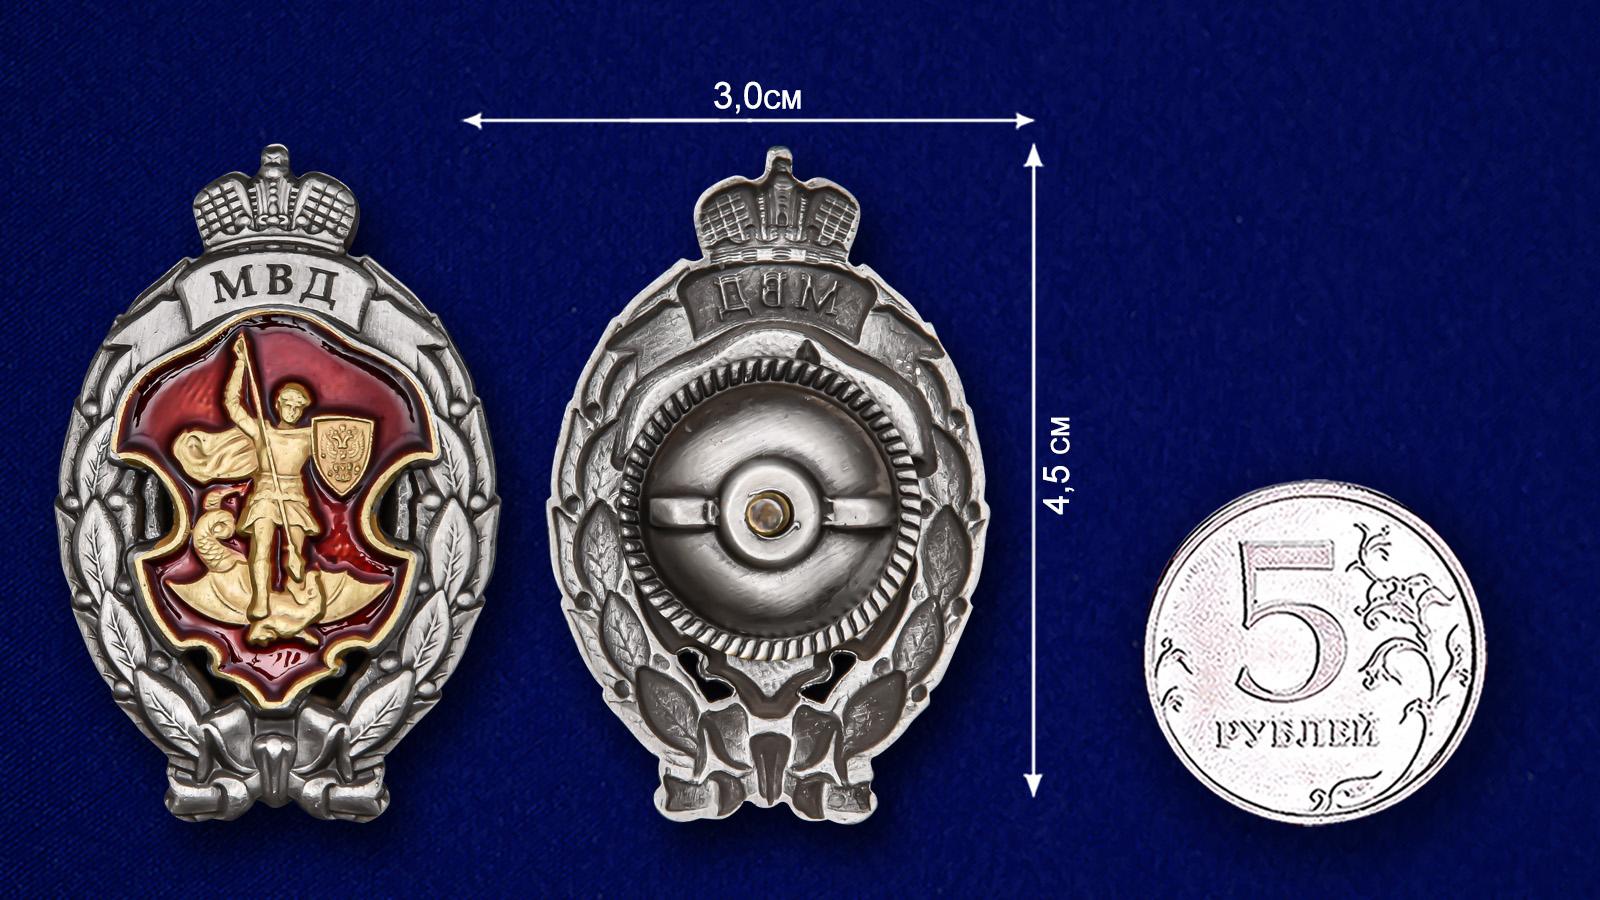 Памятный знак МВД Лучший сотрудник специальных подразделений полиции - сравнительный вид